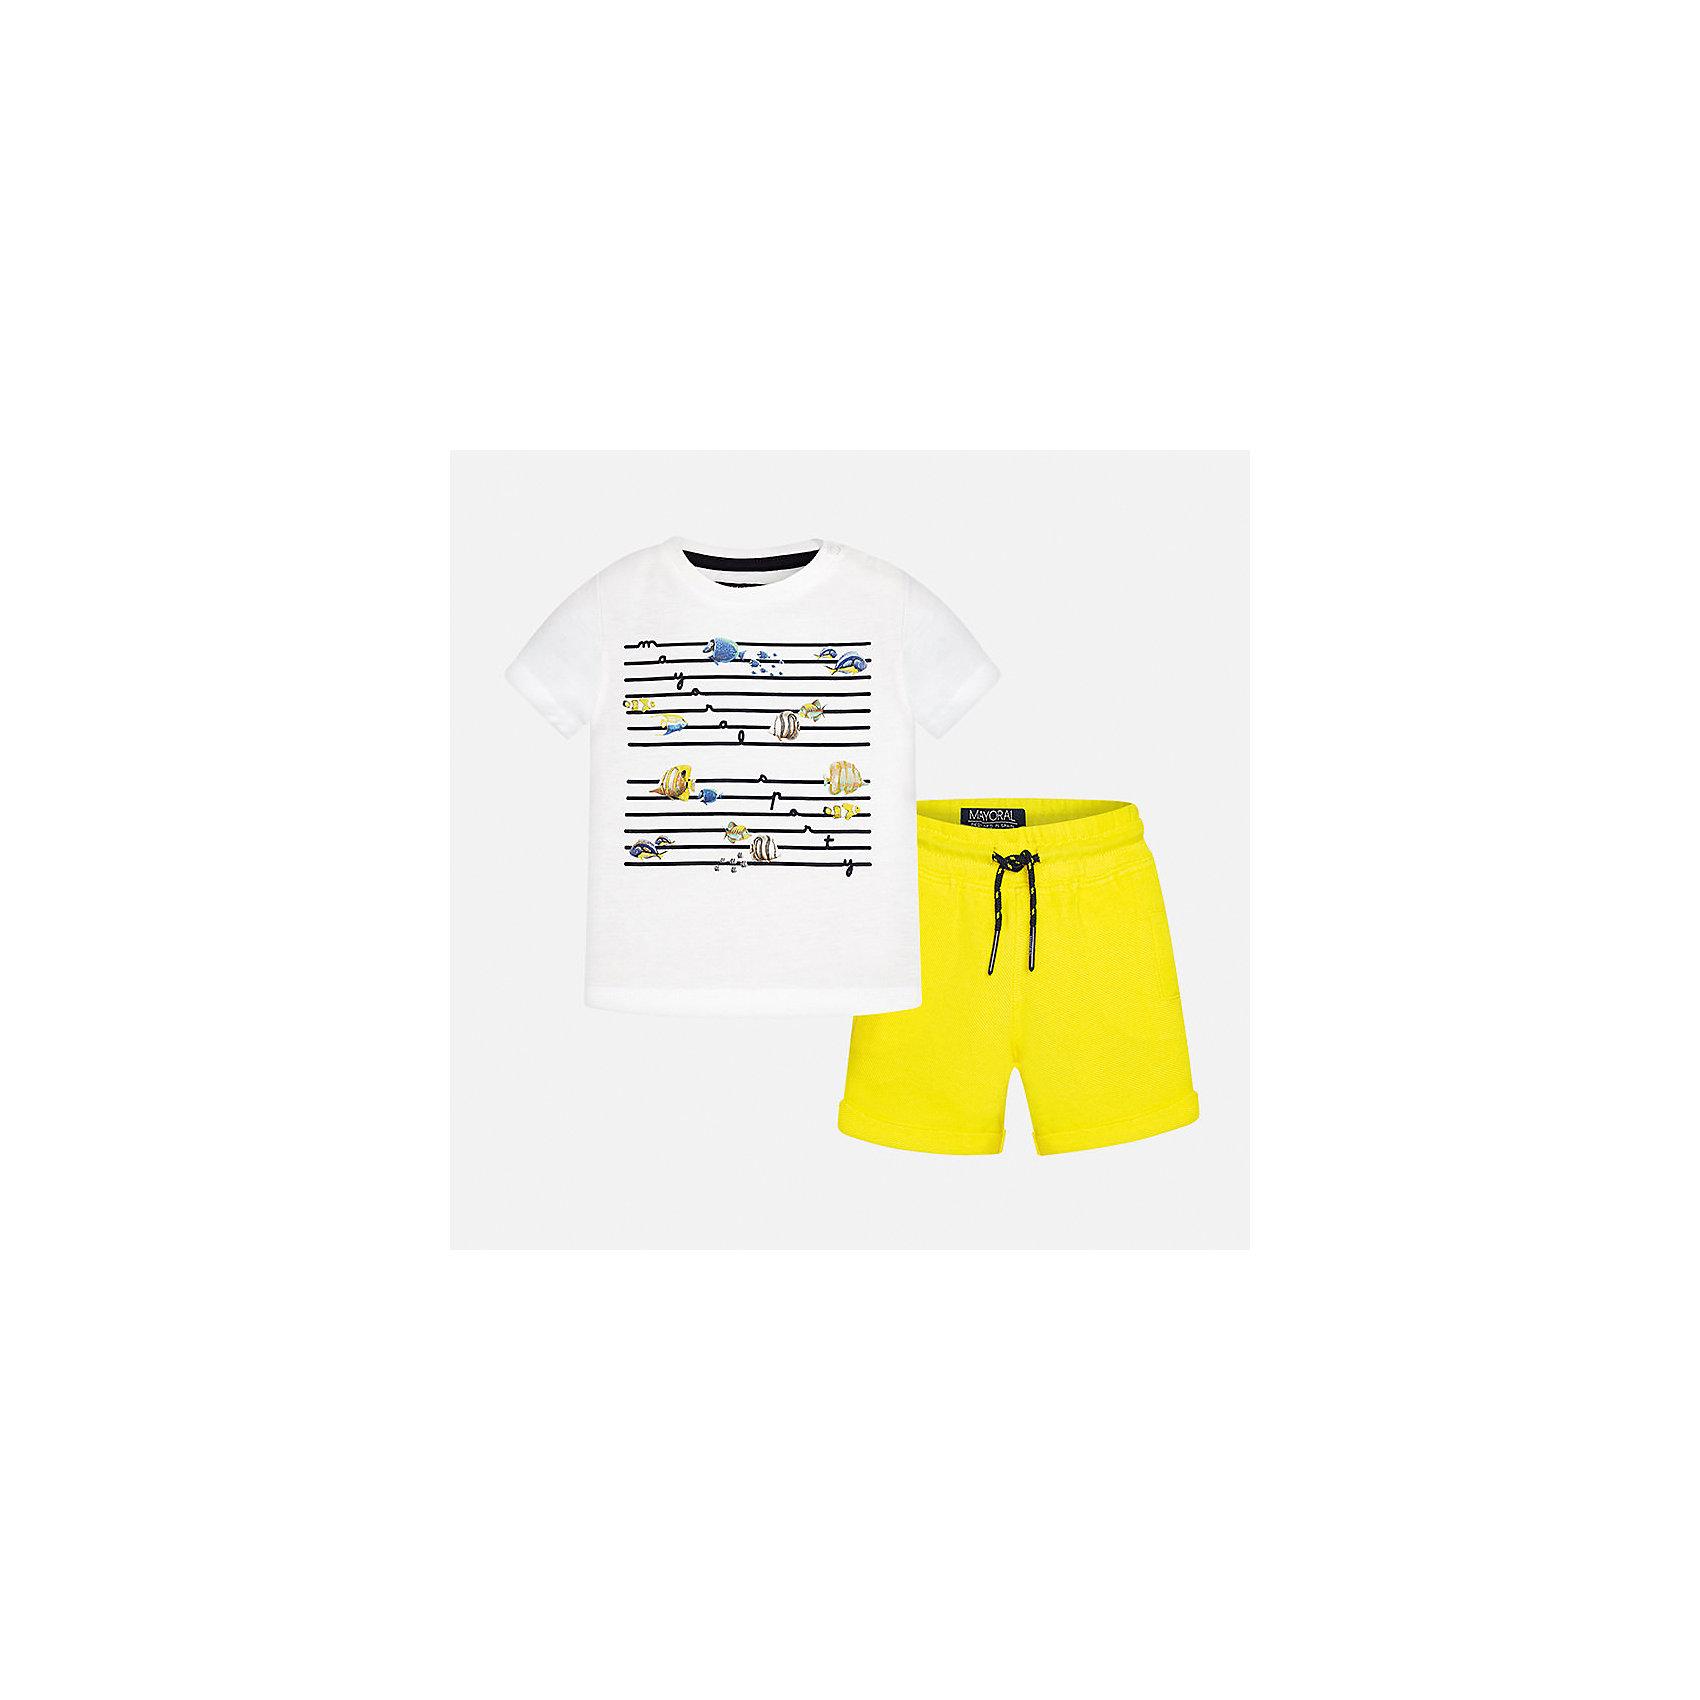 Комплект трикотажный для мальчика MayoralКомплекты<br>Характеристики товара:<br><br>• цвет: белый/желтый<br>• состав: 100% хлопок<br>• комплектация: футболка, шорты<br>• футболка декорирована принтом<br>• короткие рукава<br>• шорты однотонные<br>• в поясе шнурок<br>• страна бренда: Испания<br><br>Красивый качественный комплект для мальчика поможет разнообразить гардероб ребенка и удобно одеться в теплую погоду. Он отлично сочетается с другими предметами. Универсальный цвет позволяет подобрать к вещам верхнюю одежду практически любой расцветки. Интересная отделка модели делает её нарядной и оригинальной. В составе материала - только натуральный хлопок, гипоаллергенный, приятный на ощупь, дышащий.<br><br>Одежда, обувь и аксессуары от испанского бренда Mayoral полюбились детям и взрослым по всему миру. Модели этой марки - стильные и удобные. Для их производства используются только безопасные, качественные материалы и фурнитура. Порадуйте ребенка модными и красивыми вещами от Mayoral! <br><br>Комплект для мальчика от испанского бренда Mayoral (Майорал) можно купить в нашем интернет-магазине.<br><br>Ширина мм: 215<br>Глубина мм: 88<br>Высота мм: 191<br>Вес г: 336<br>Цвет: желтый<br>Возраст от месяцев: 12<br>Возраст до месяцев: 18<br>Пол: Мужской<br>Возраст: Детский<br>Размер: 80,92,86<br>SKU: 5279693